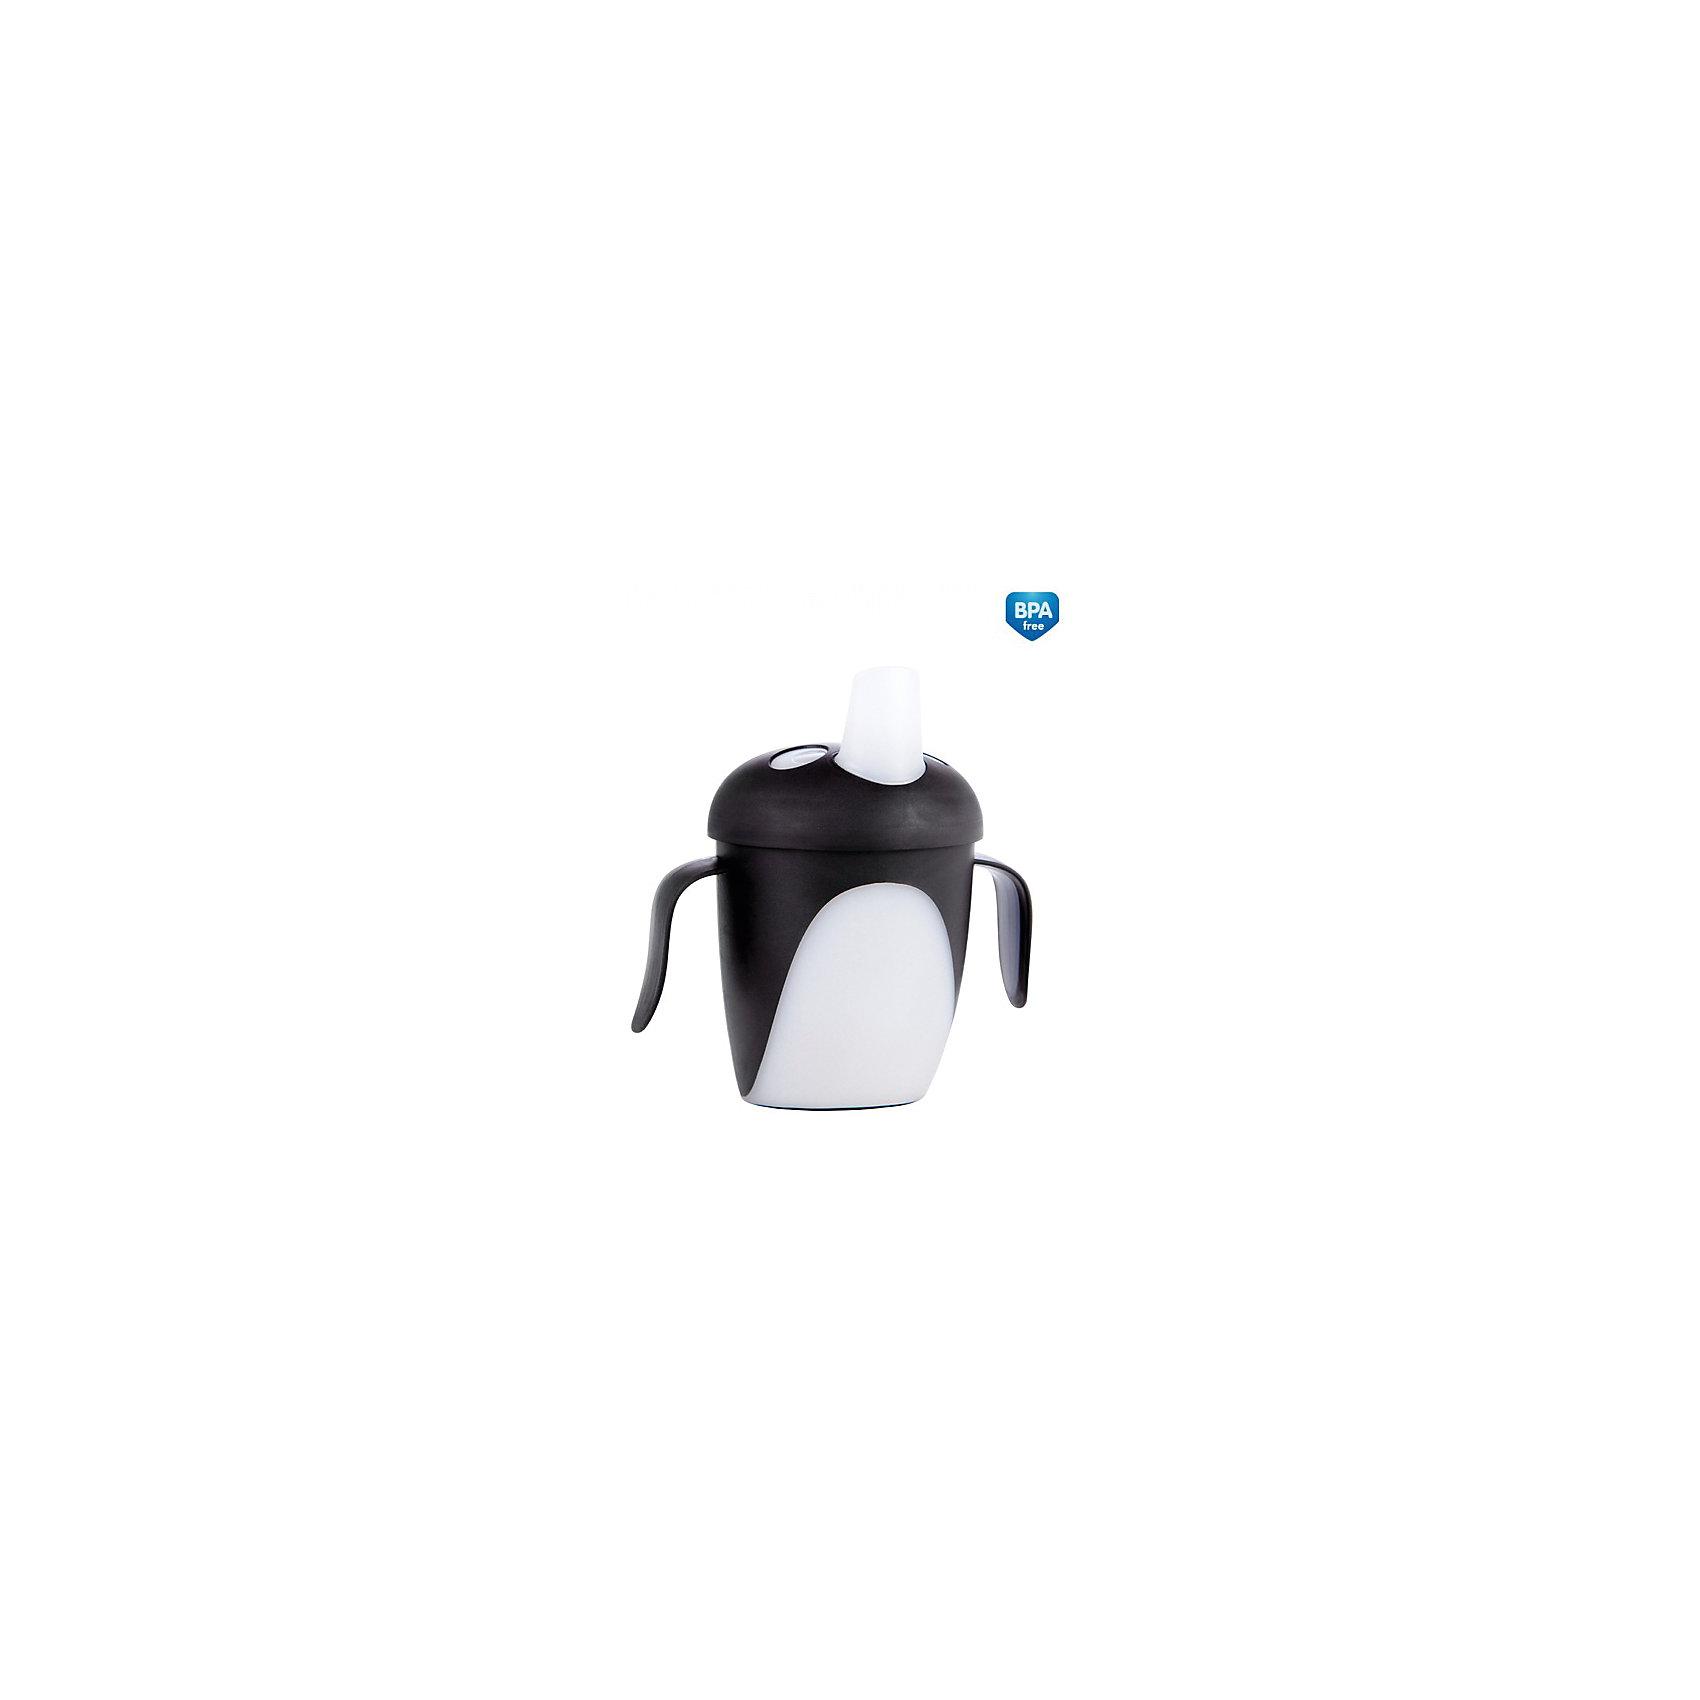 Обучающий поильник Пингвин, 250 мл., Canpol Babies, черныйОбучающий поильник Пингвин, Canpol Babies (Канпол Бэбис), идеально подойдет для малышей, которые учатся пить из чашки. Удобные прорезиненные ручки позволяют ребенку легко держать поильник. Герметичная крышка оснащена специальным носиком для питья, который не раздражает десны малыша и помогает ему комфортно перейти от кормления из бутылочки к питью из чашки. Благодаря уникальному непроливающему клапану, малыш может спокойно пить самостоятельно, не боясь пролить жидкость. Яркий дизайн в форме забавного пингвина непременно привлечет внимание ребенка. Кружка изготовлена из безопасных, нетоксичных материалов, не содержит Бисфенол-А.<br><br>Дополнительная информация:<br><br>- Цвет: черный.<br>- Материал: полипропилен/поликарбонат.<br>- Возраст: от 9 мес.<br>- Объем: 250 мл.<br>- Размер: 8,2 х 11,7 х 17 см.<br>- Вес: 101 гр.<br><br>Обучающий поильник Пингвин, 250 мл., Canpol Babies (Канпол Бэбис), черный, можно купить в нашем интернет-магазине.<br><br>Ширина мм: 82<br>Глубина мм: 117<br>Высота мм: 170<br>Вес г: 101<br>Цвет: черный<br>Возраст от месяцев: 12<br>Возраст до месяцев: 24<br>Пол: Унисекс<br>Возраст: Детский<br>SKU: 4341871